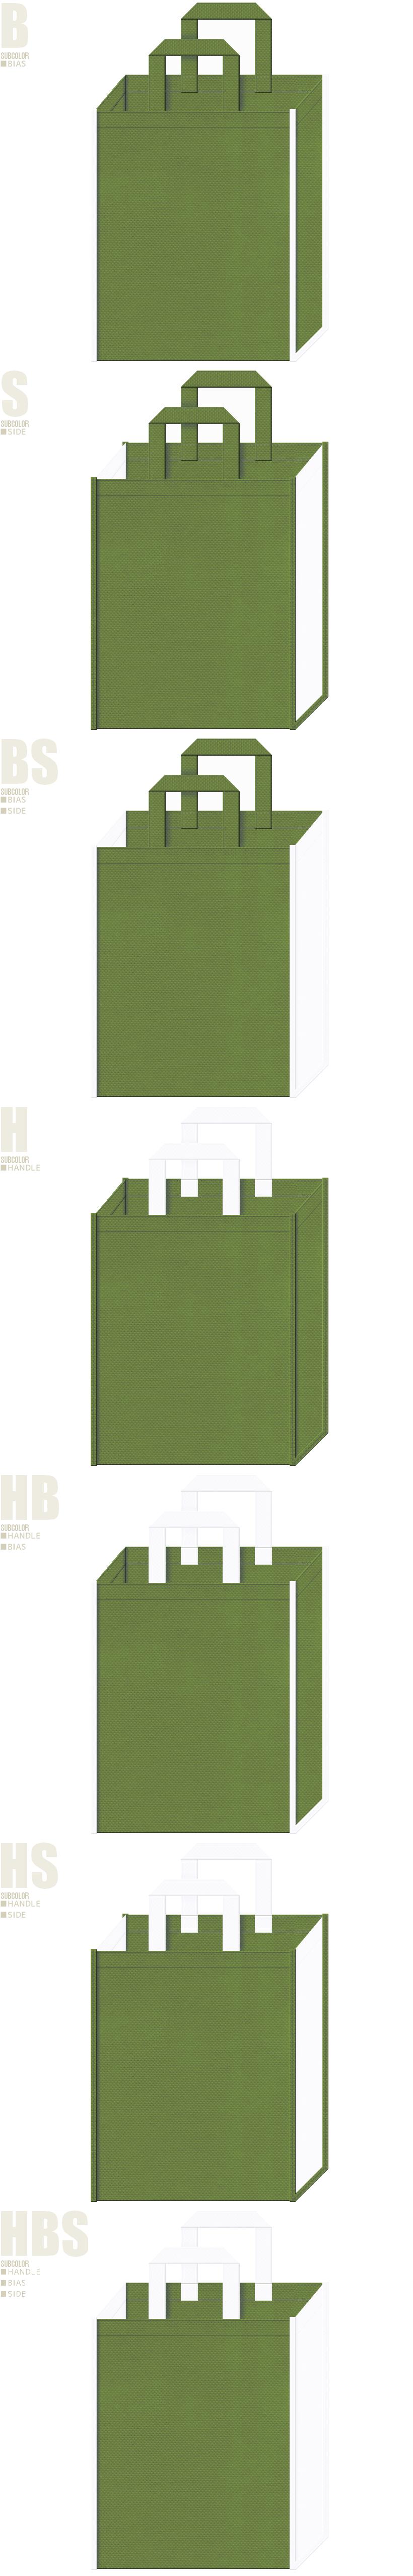 抹茶アイス・抹茶氷・夏の和風催事にお奨めの不織布バッグデザイン:草色と白色の不織布バッグ配色7パターン。